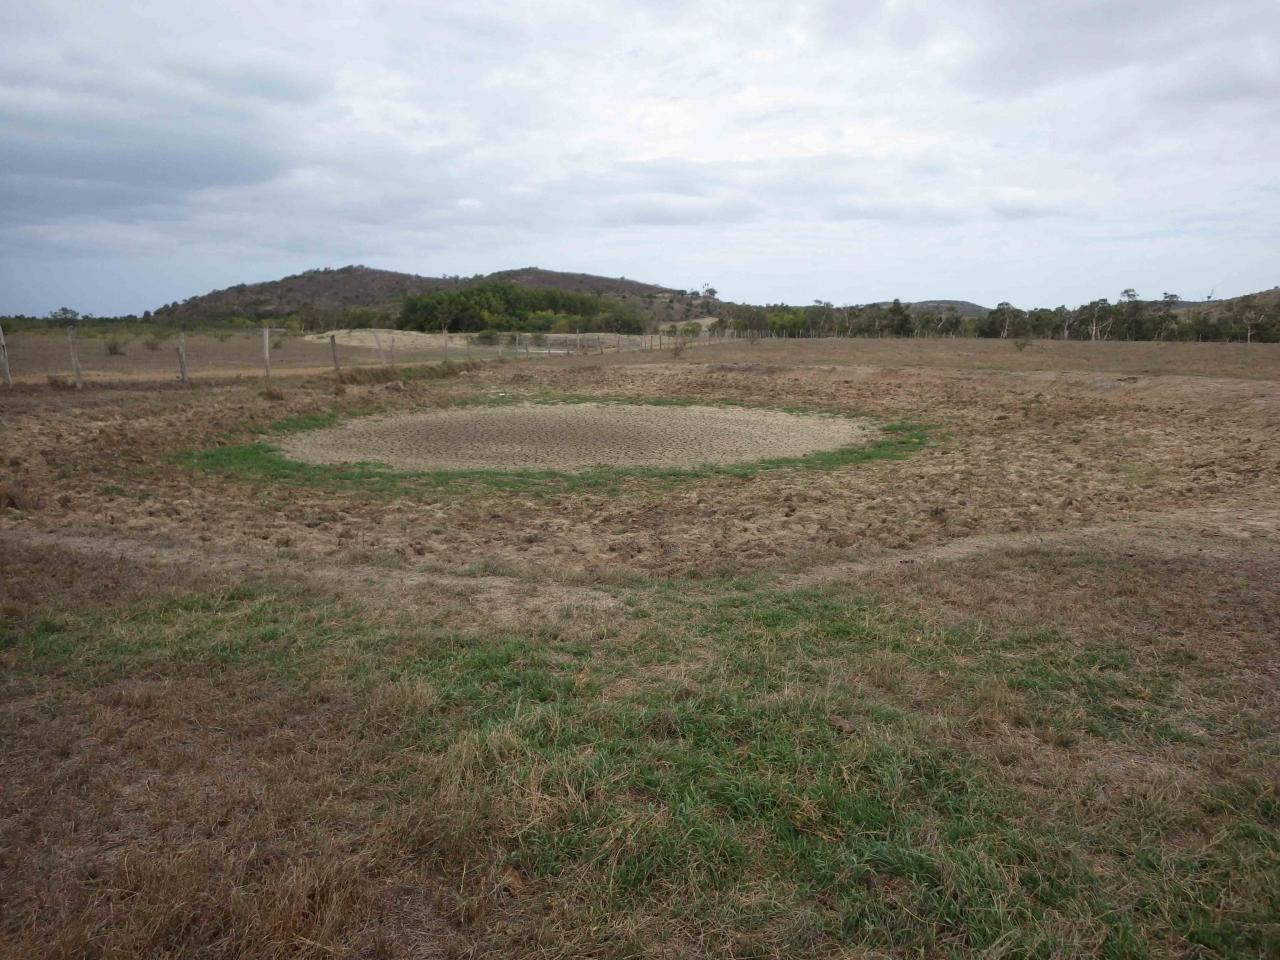 Planète revisitée, Nouvelle-Calédonie. Mare temporaire à sec. Photo Nicolas Rabet